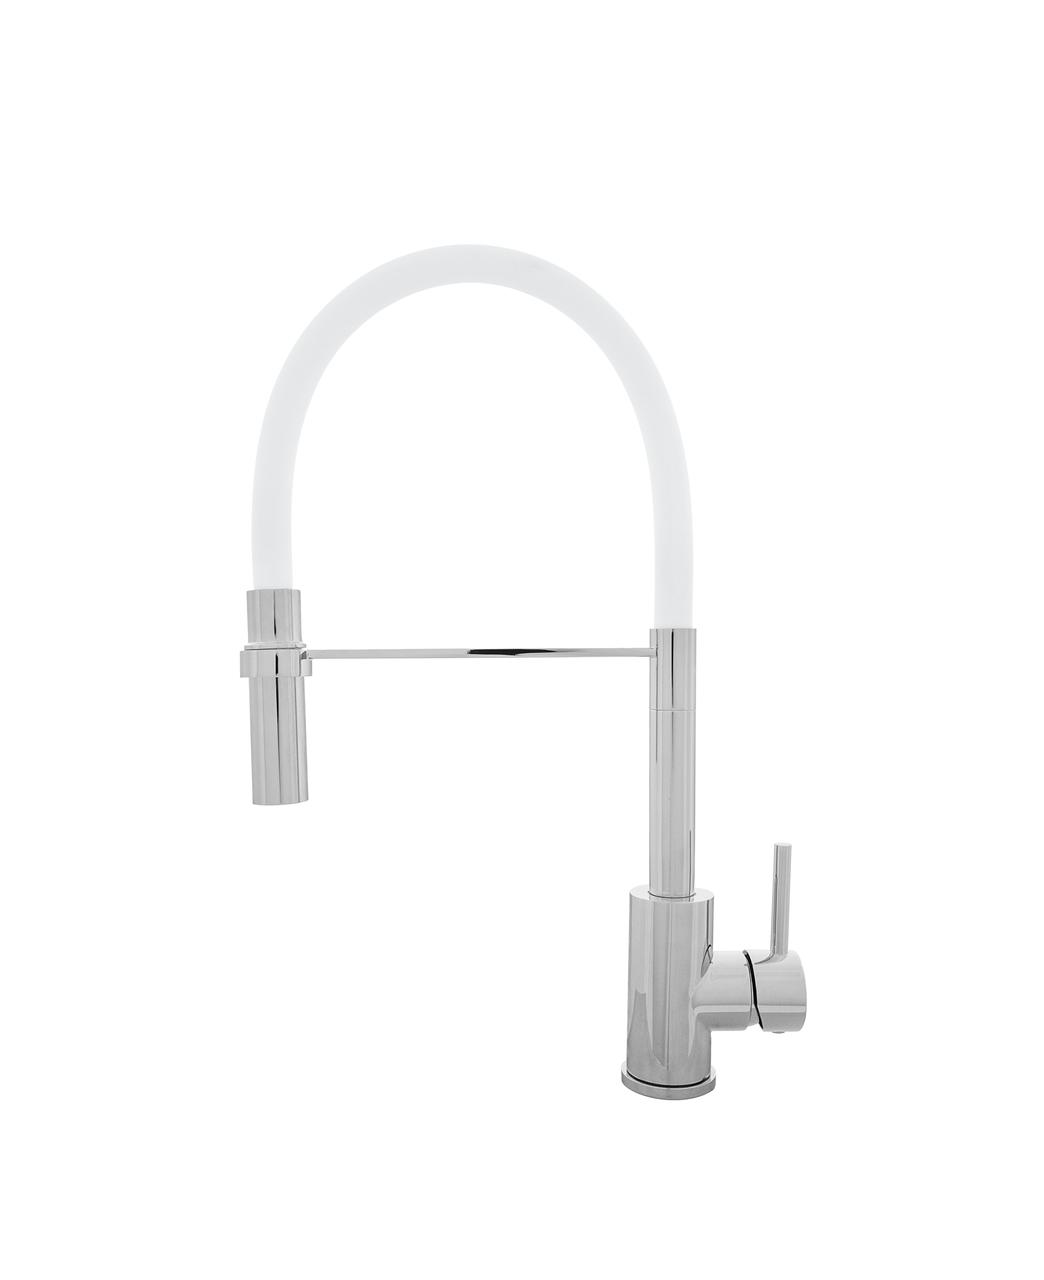 Kernau KWT 20 PO CHROME/WHITE смеситель для кухни с душем (сталь/хром/белый)